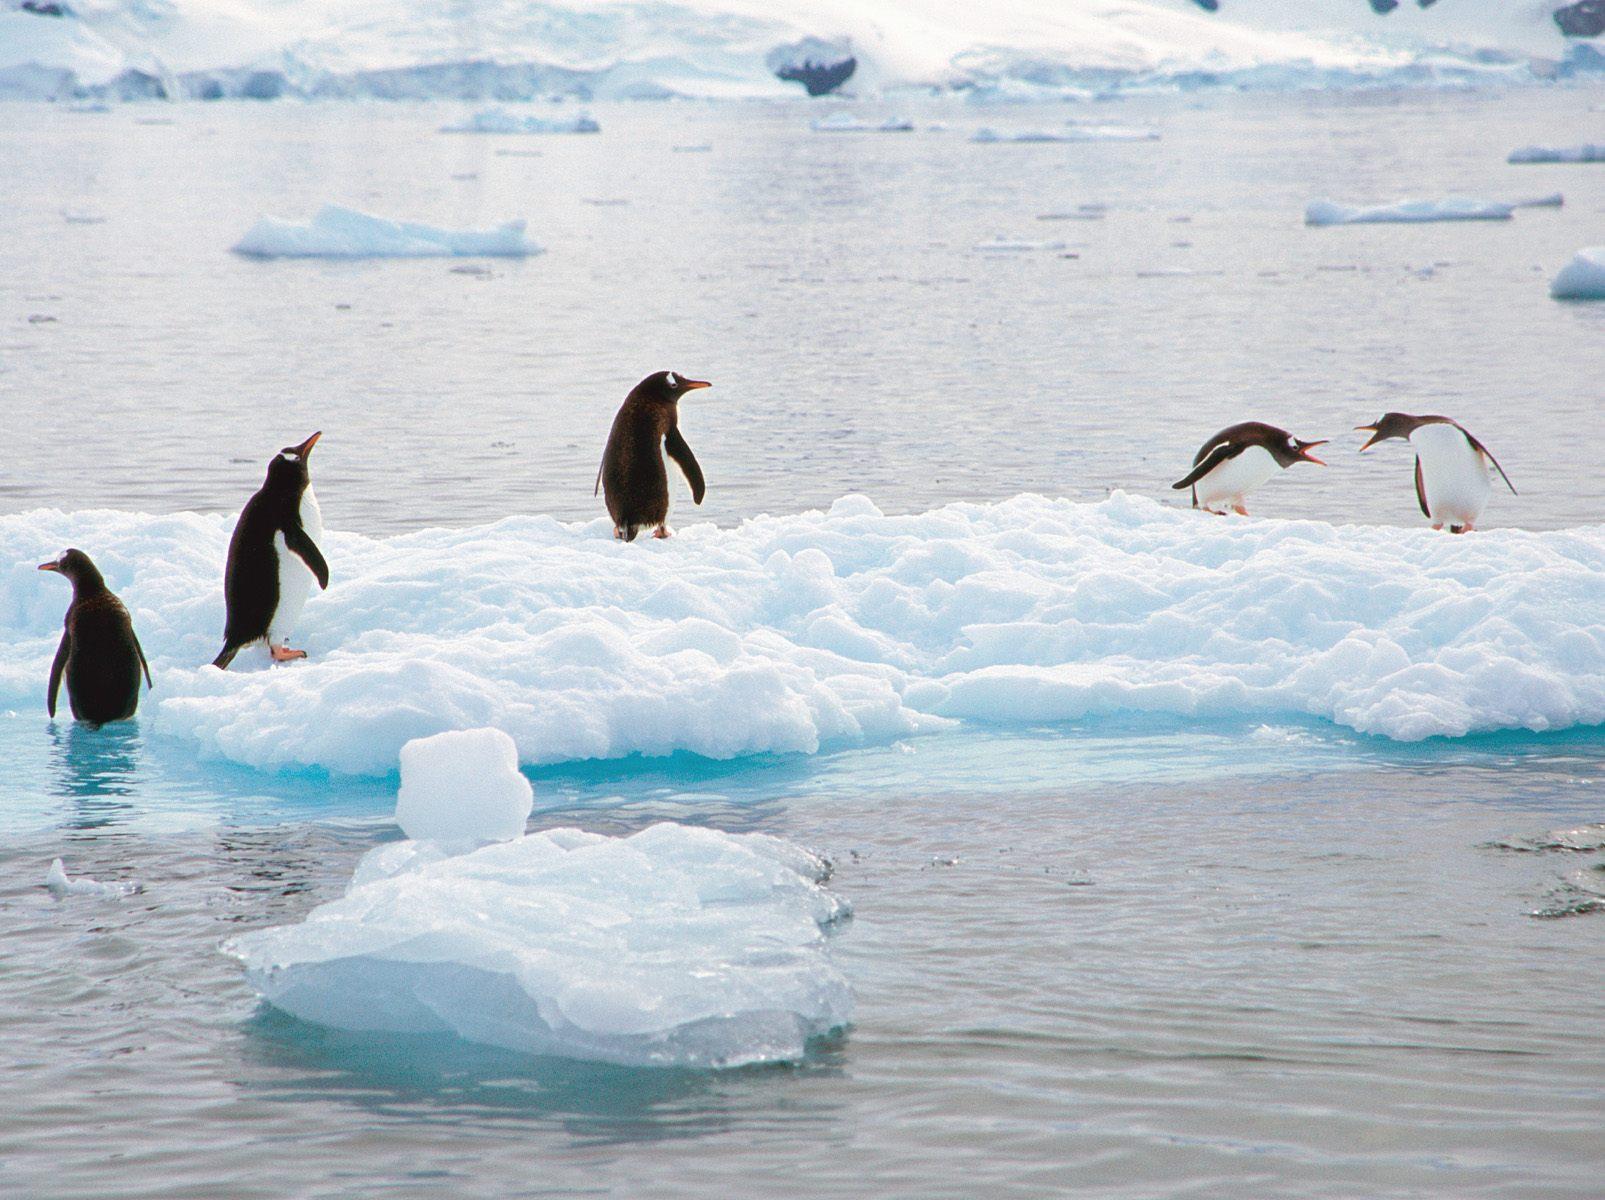 пингвины на глыбе льда  № 91232 бесплатно